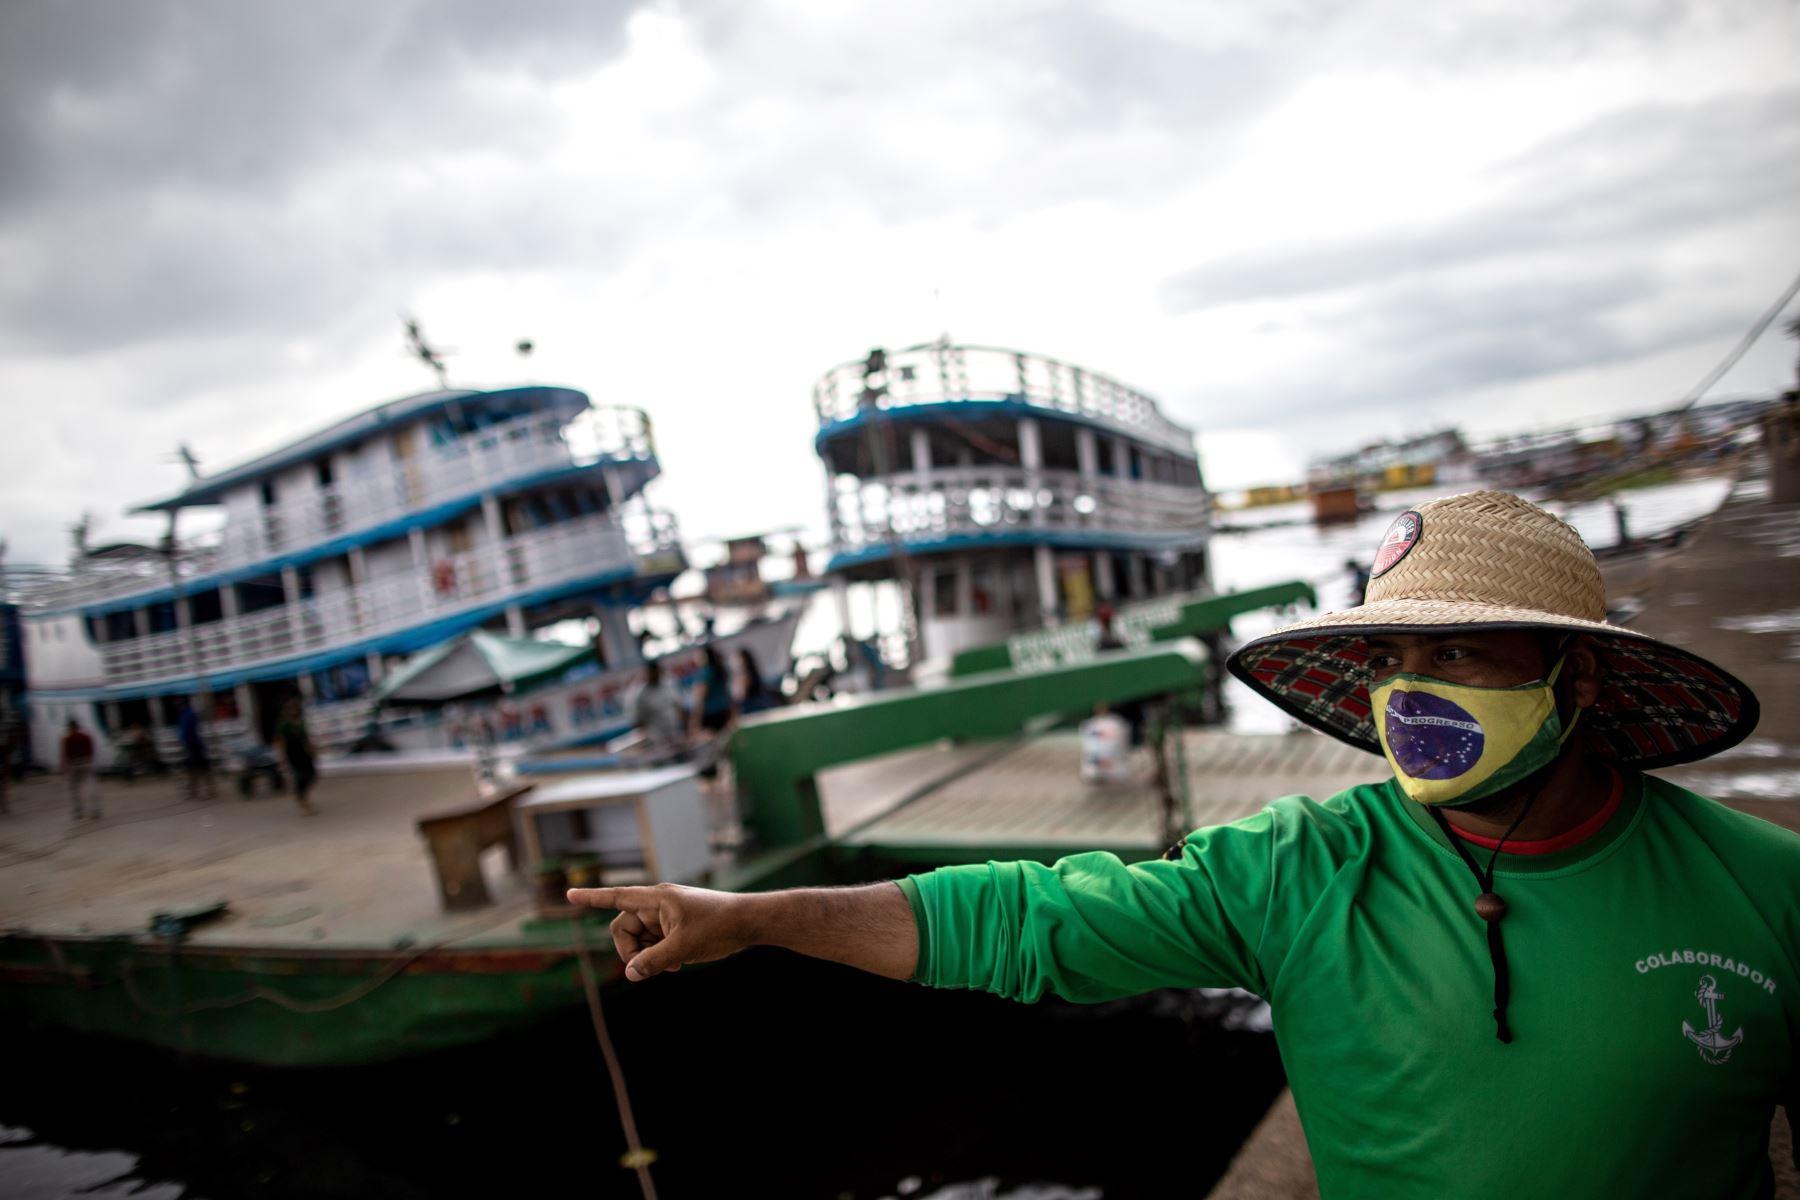 Un hombre con tapabocas de diseño de la bandera brasileña señala hacia el río Amazonas hoy, en Manaos, Brasil. La nueva variante de la covid detectada en la Amazonía brasileña  no solo llevó a que Reino Unido vetara los vuelos desde Portugal y Suramérica sino también a algunas regiones de Brasil. Foto: EFE